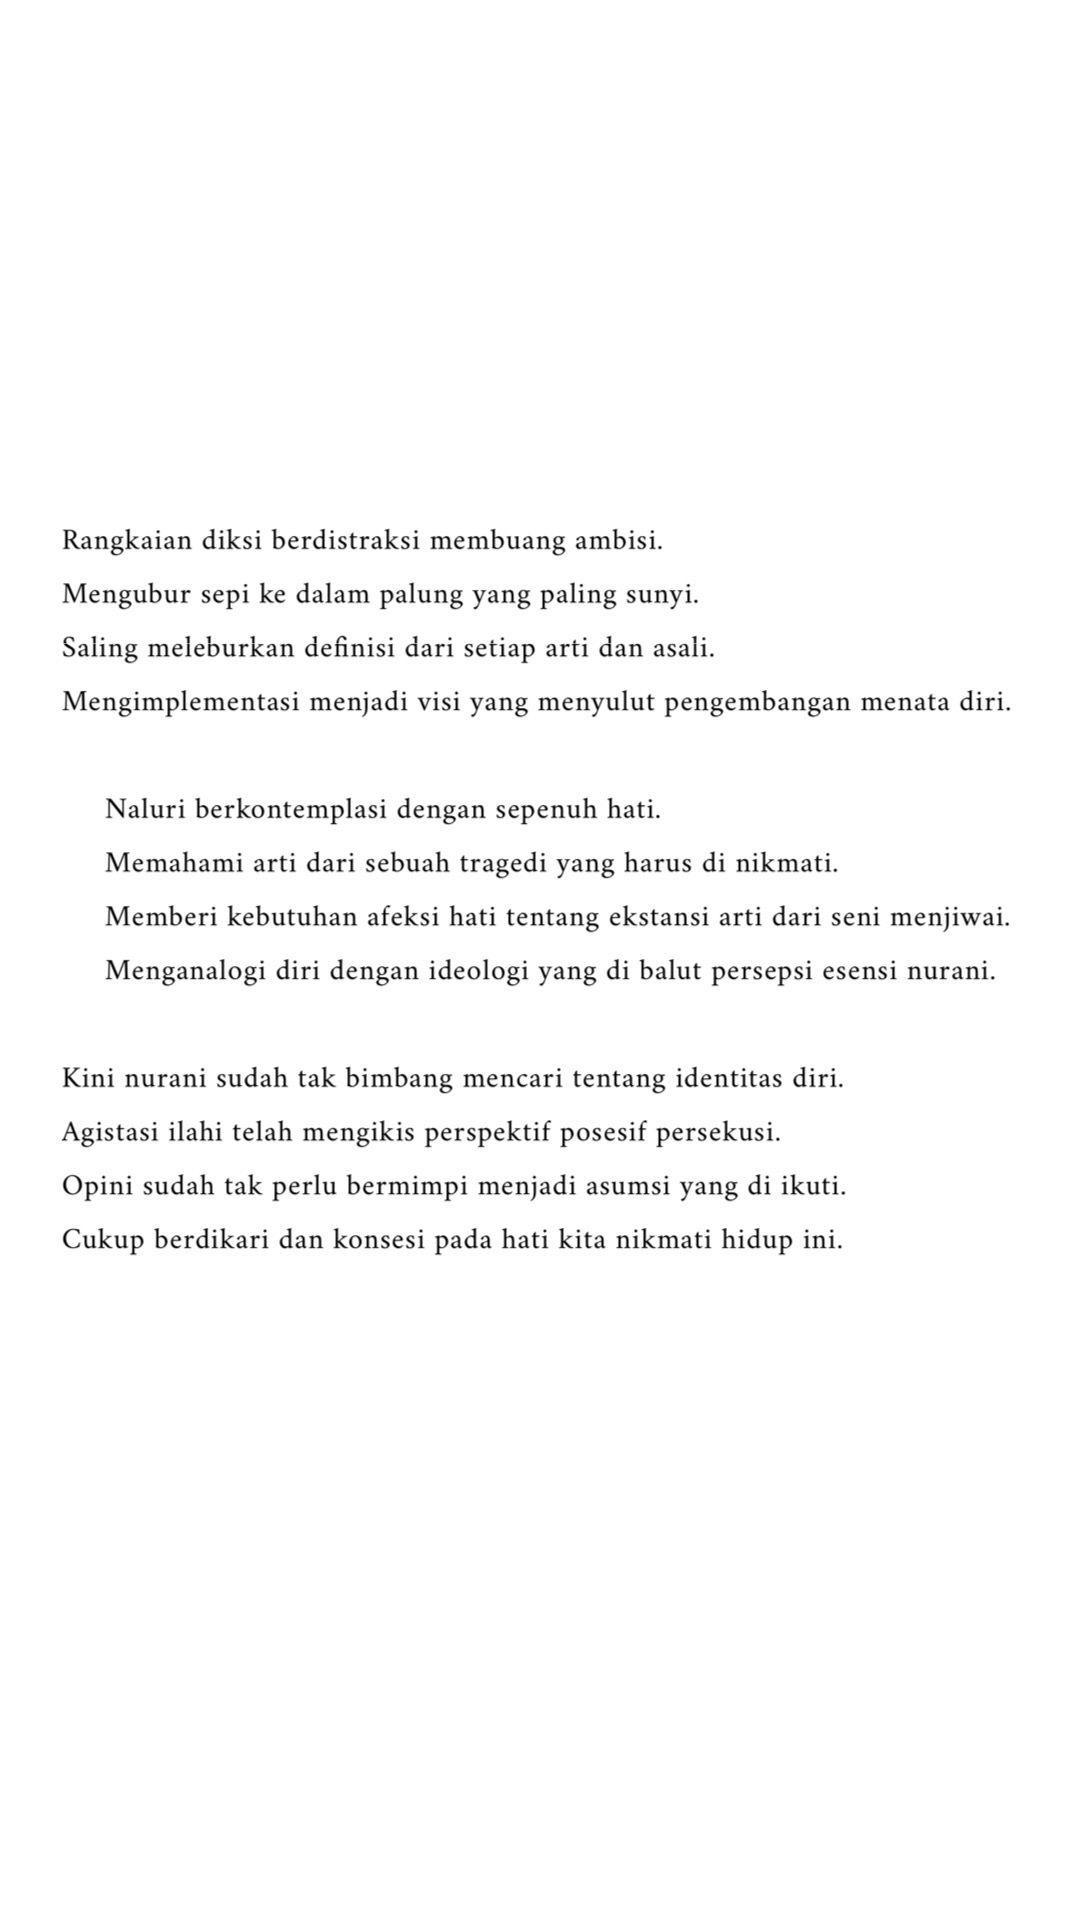 Abstraksi Diksi Kutipan Remaja Kutipan Kutipan Puisi